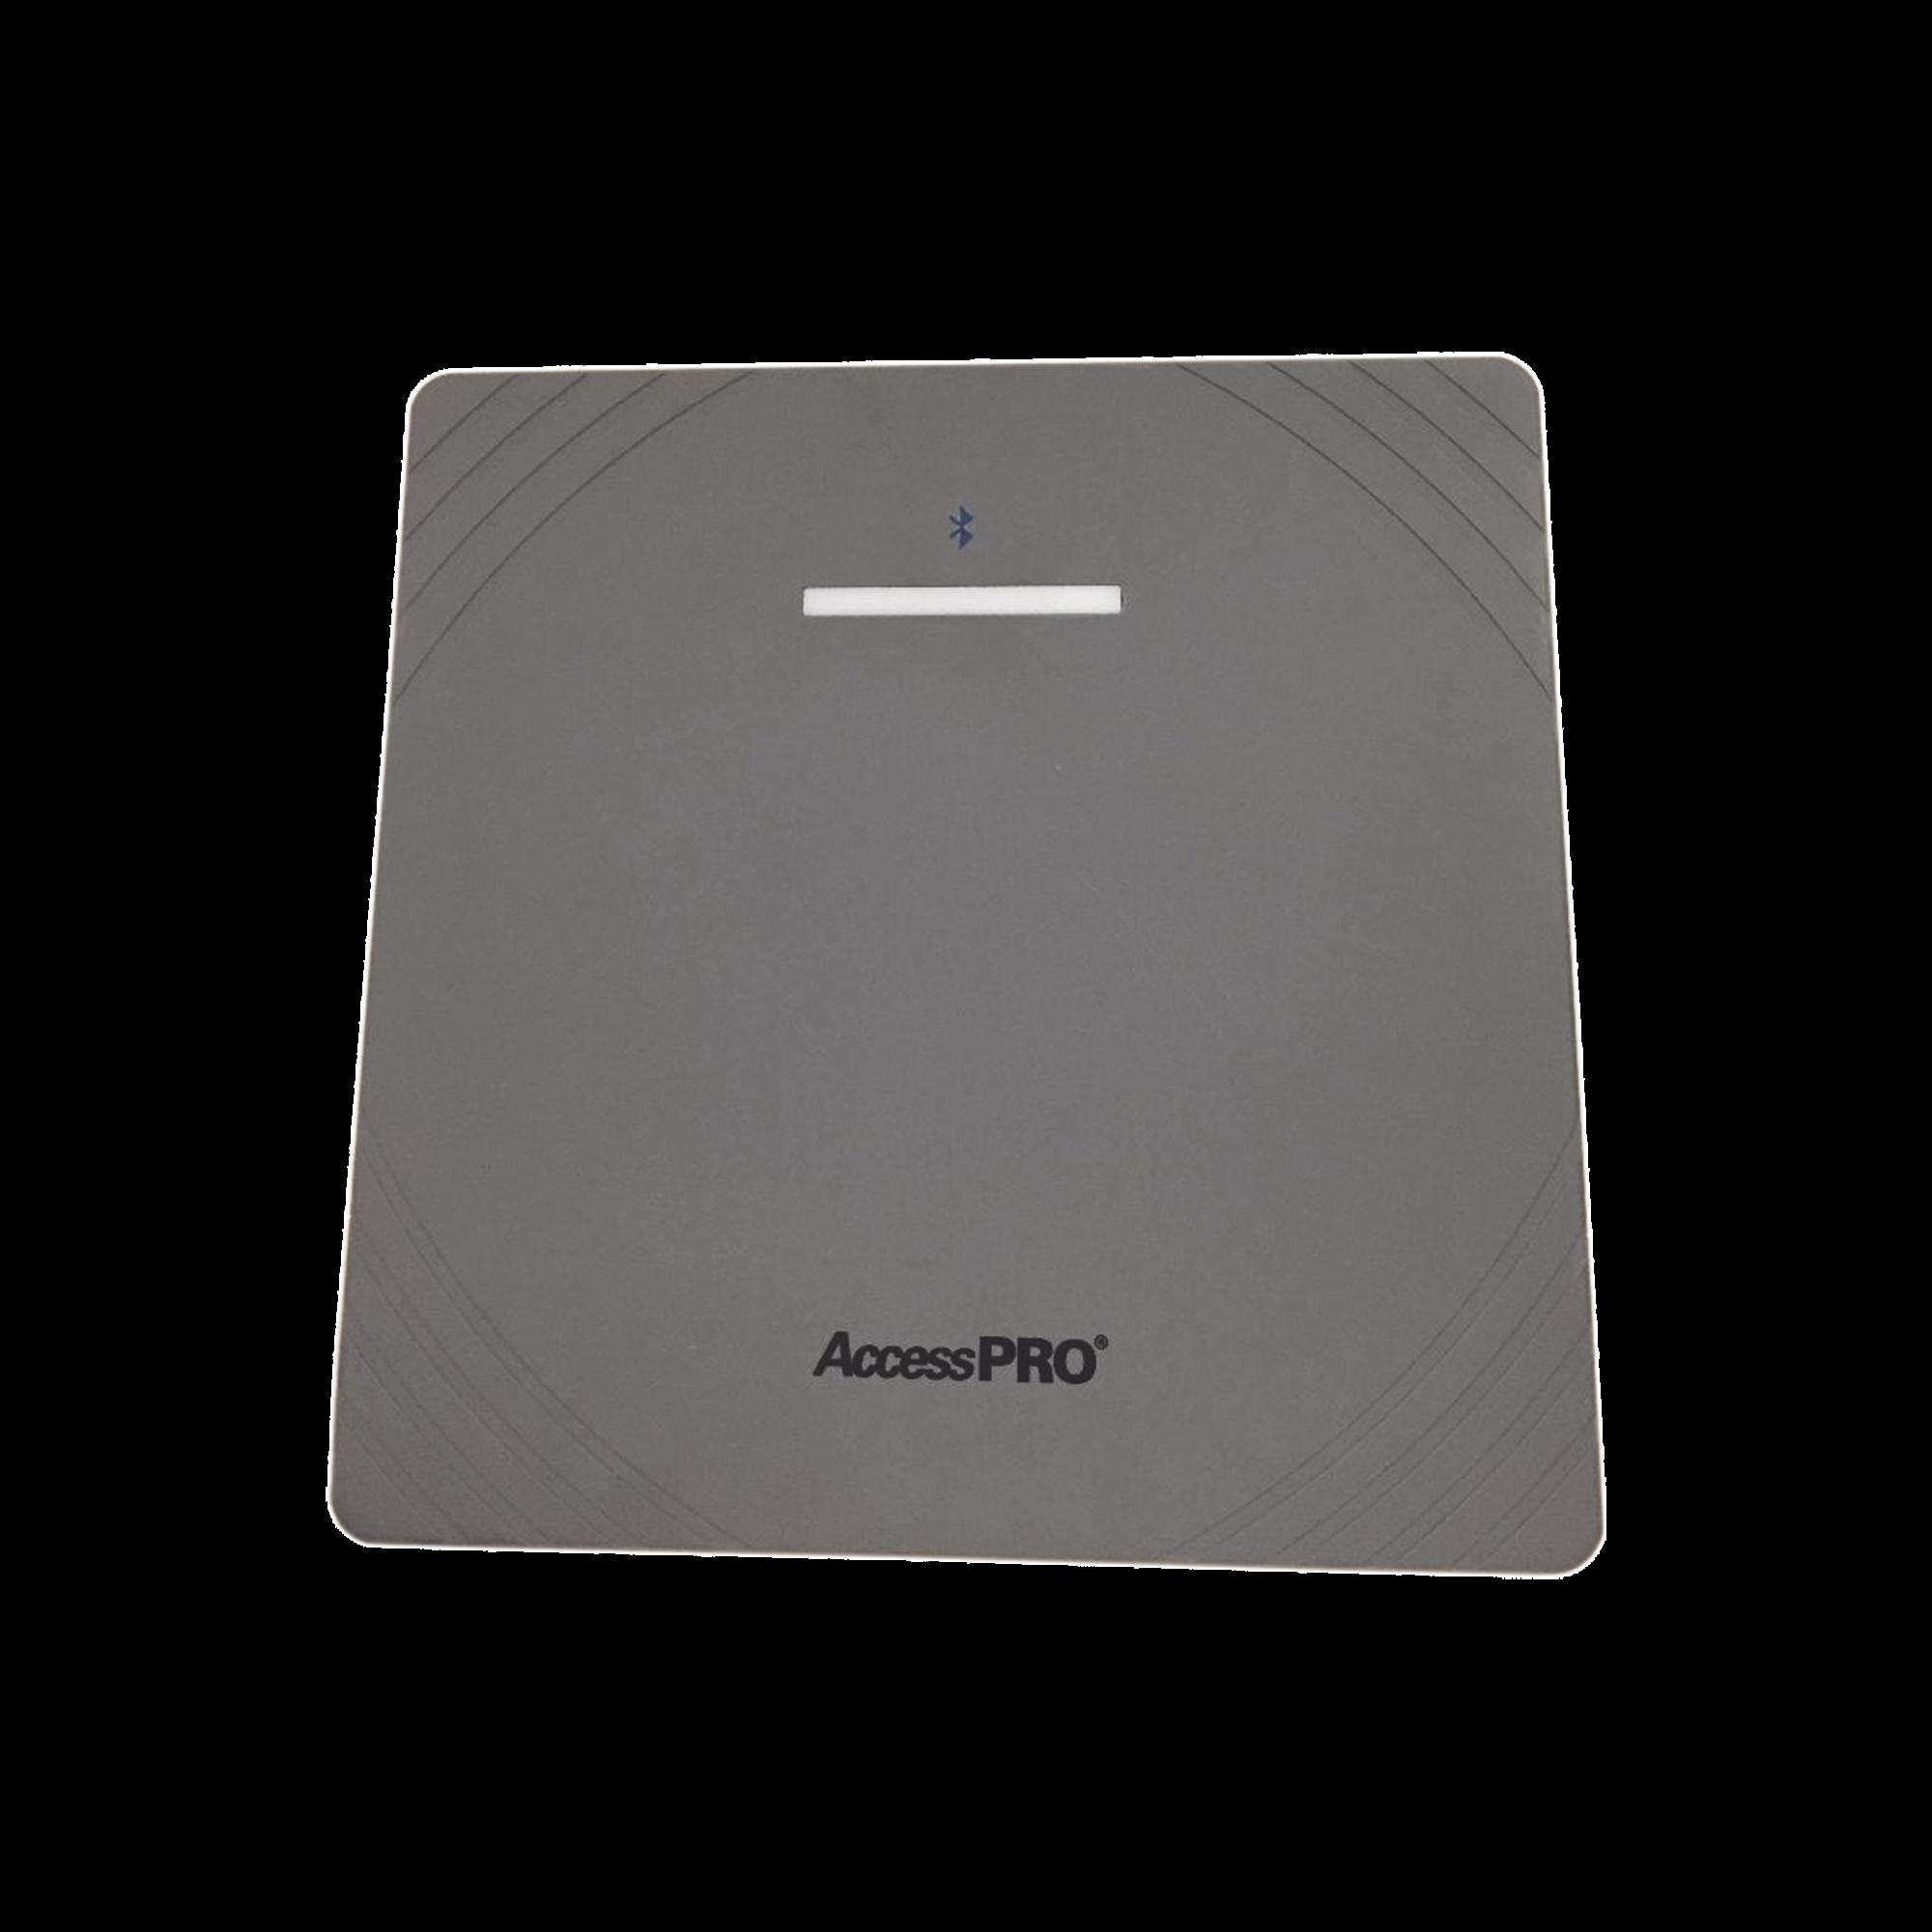 (Nueva Generación) Lector RFID UHF + BLUETOOTH / LARGO ALCANCE 12 METROS /  CLIMAS EXTREMOS / Programación desde Android/iOS / OSDP/Wiegand